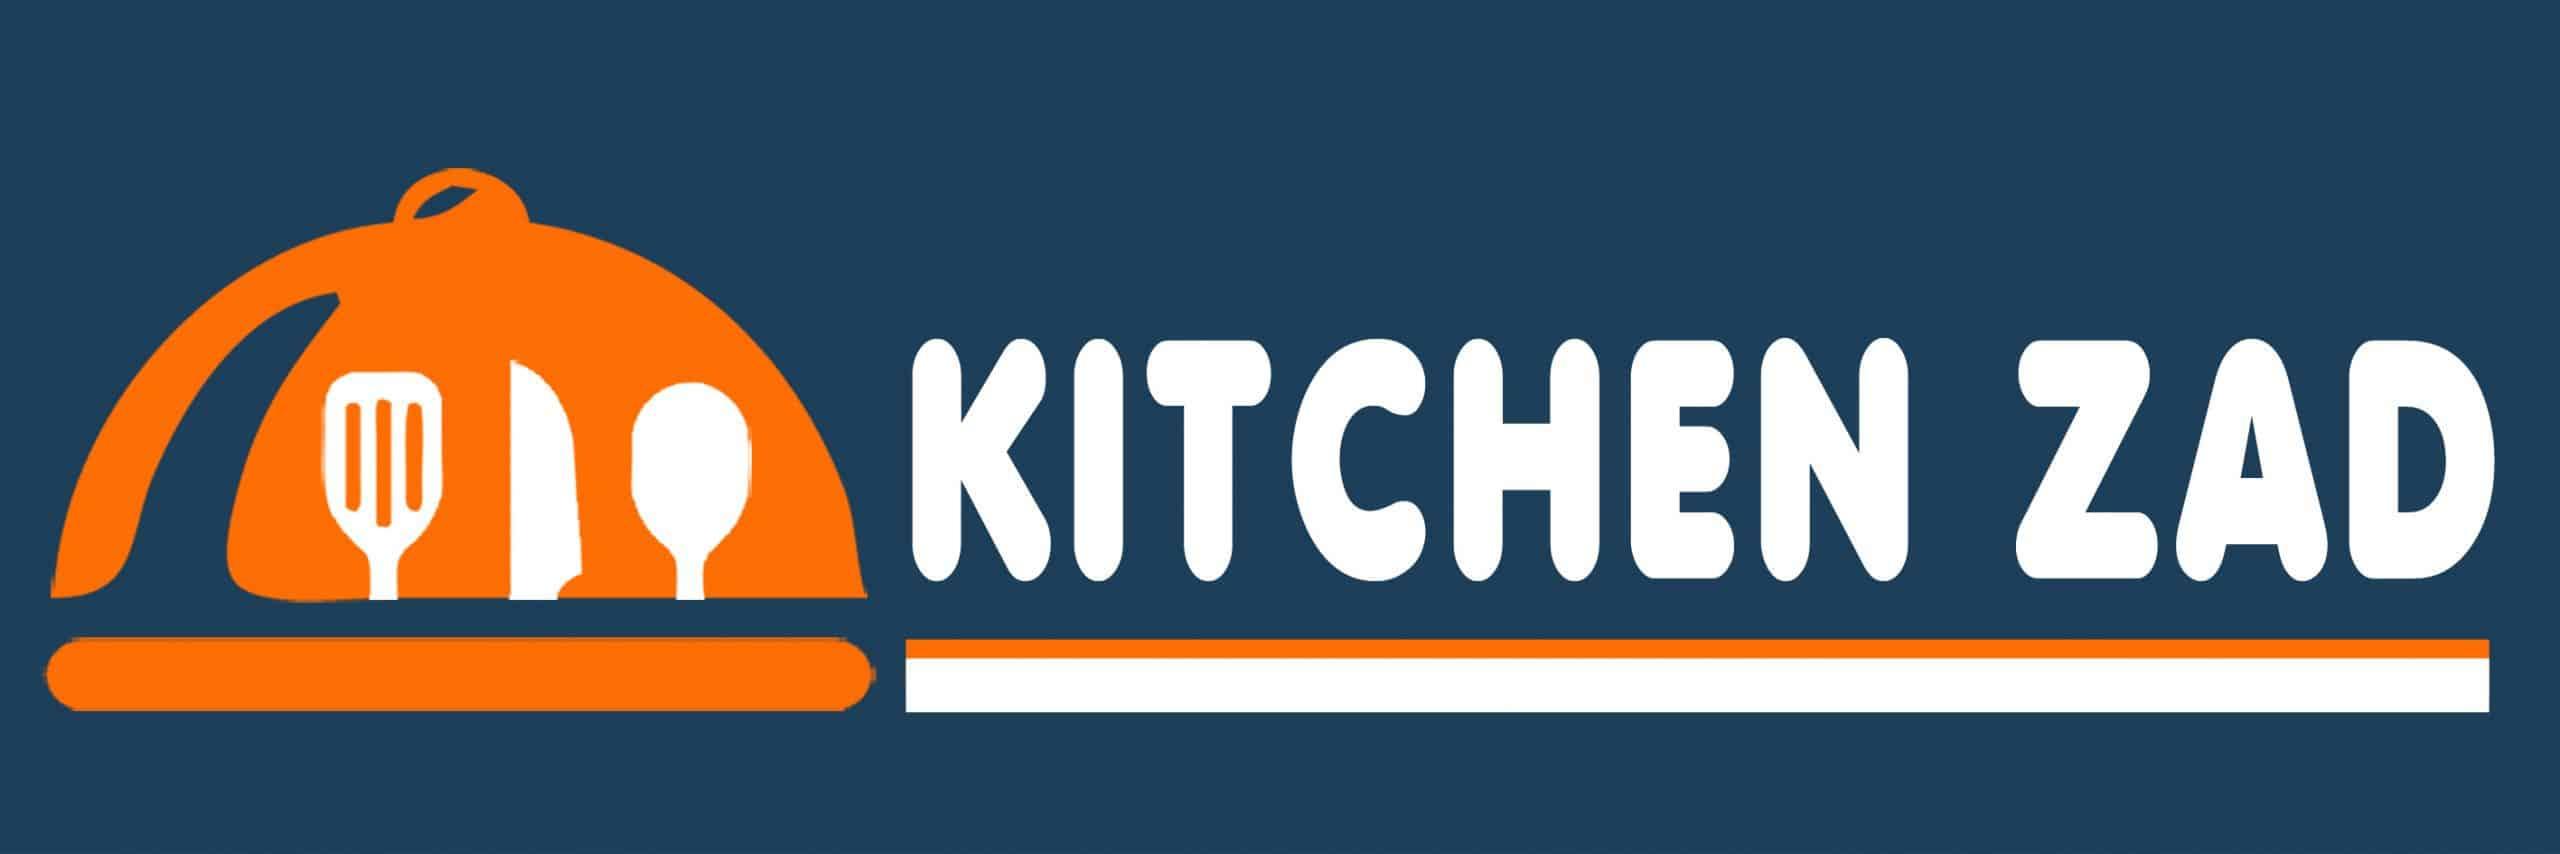 Kitchen Zad